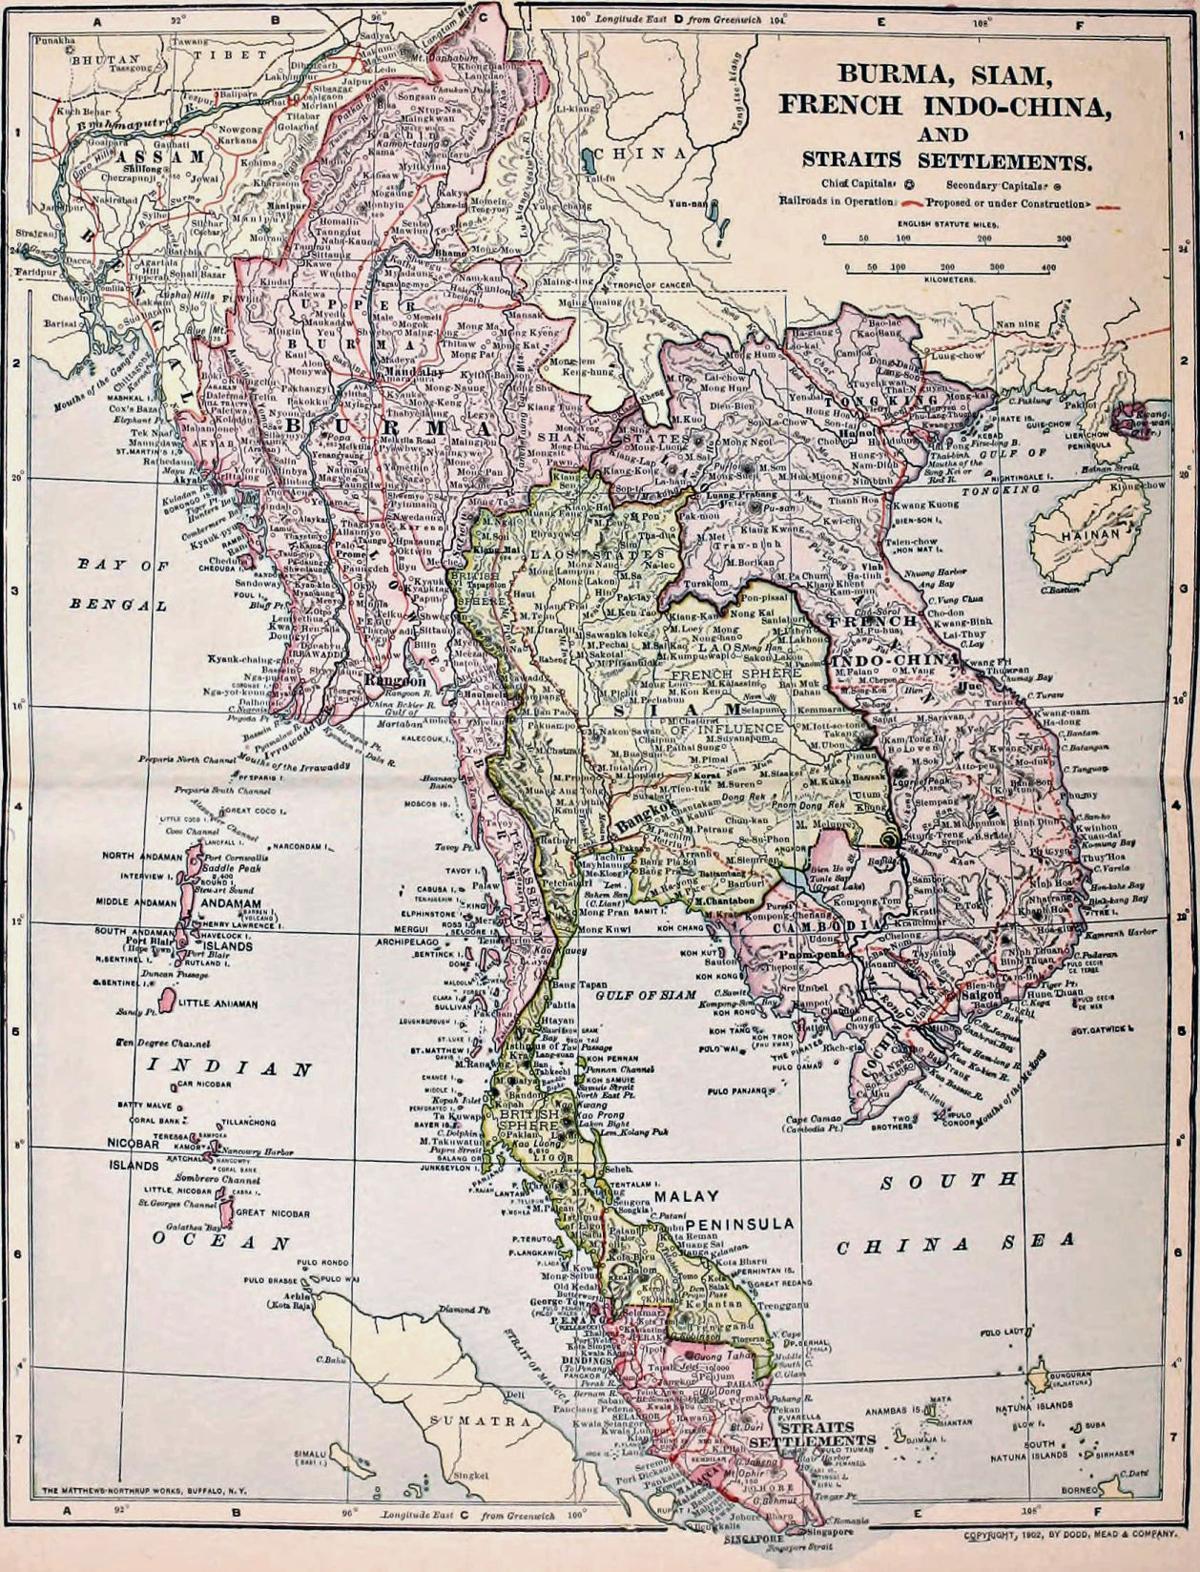 Burma and Siam